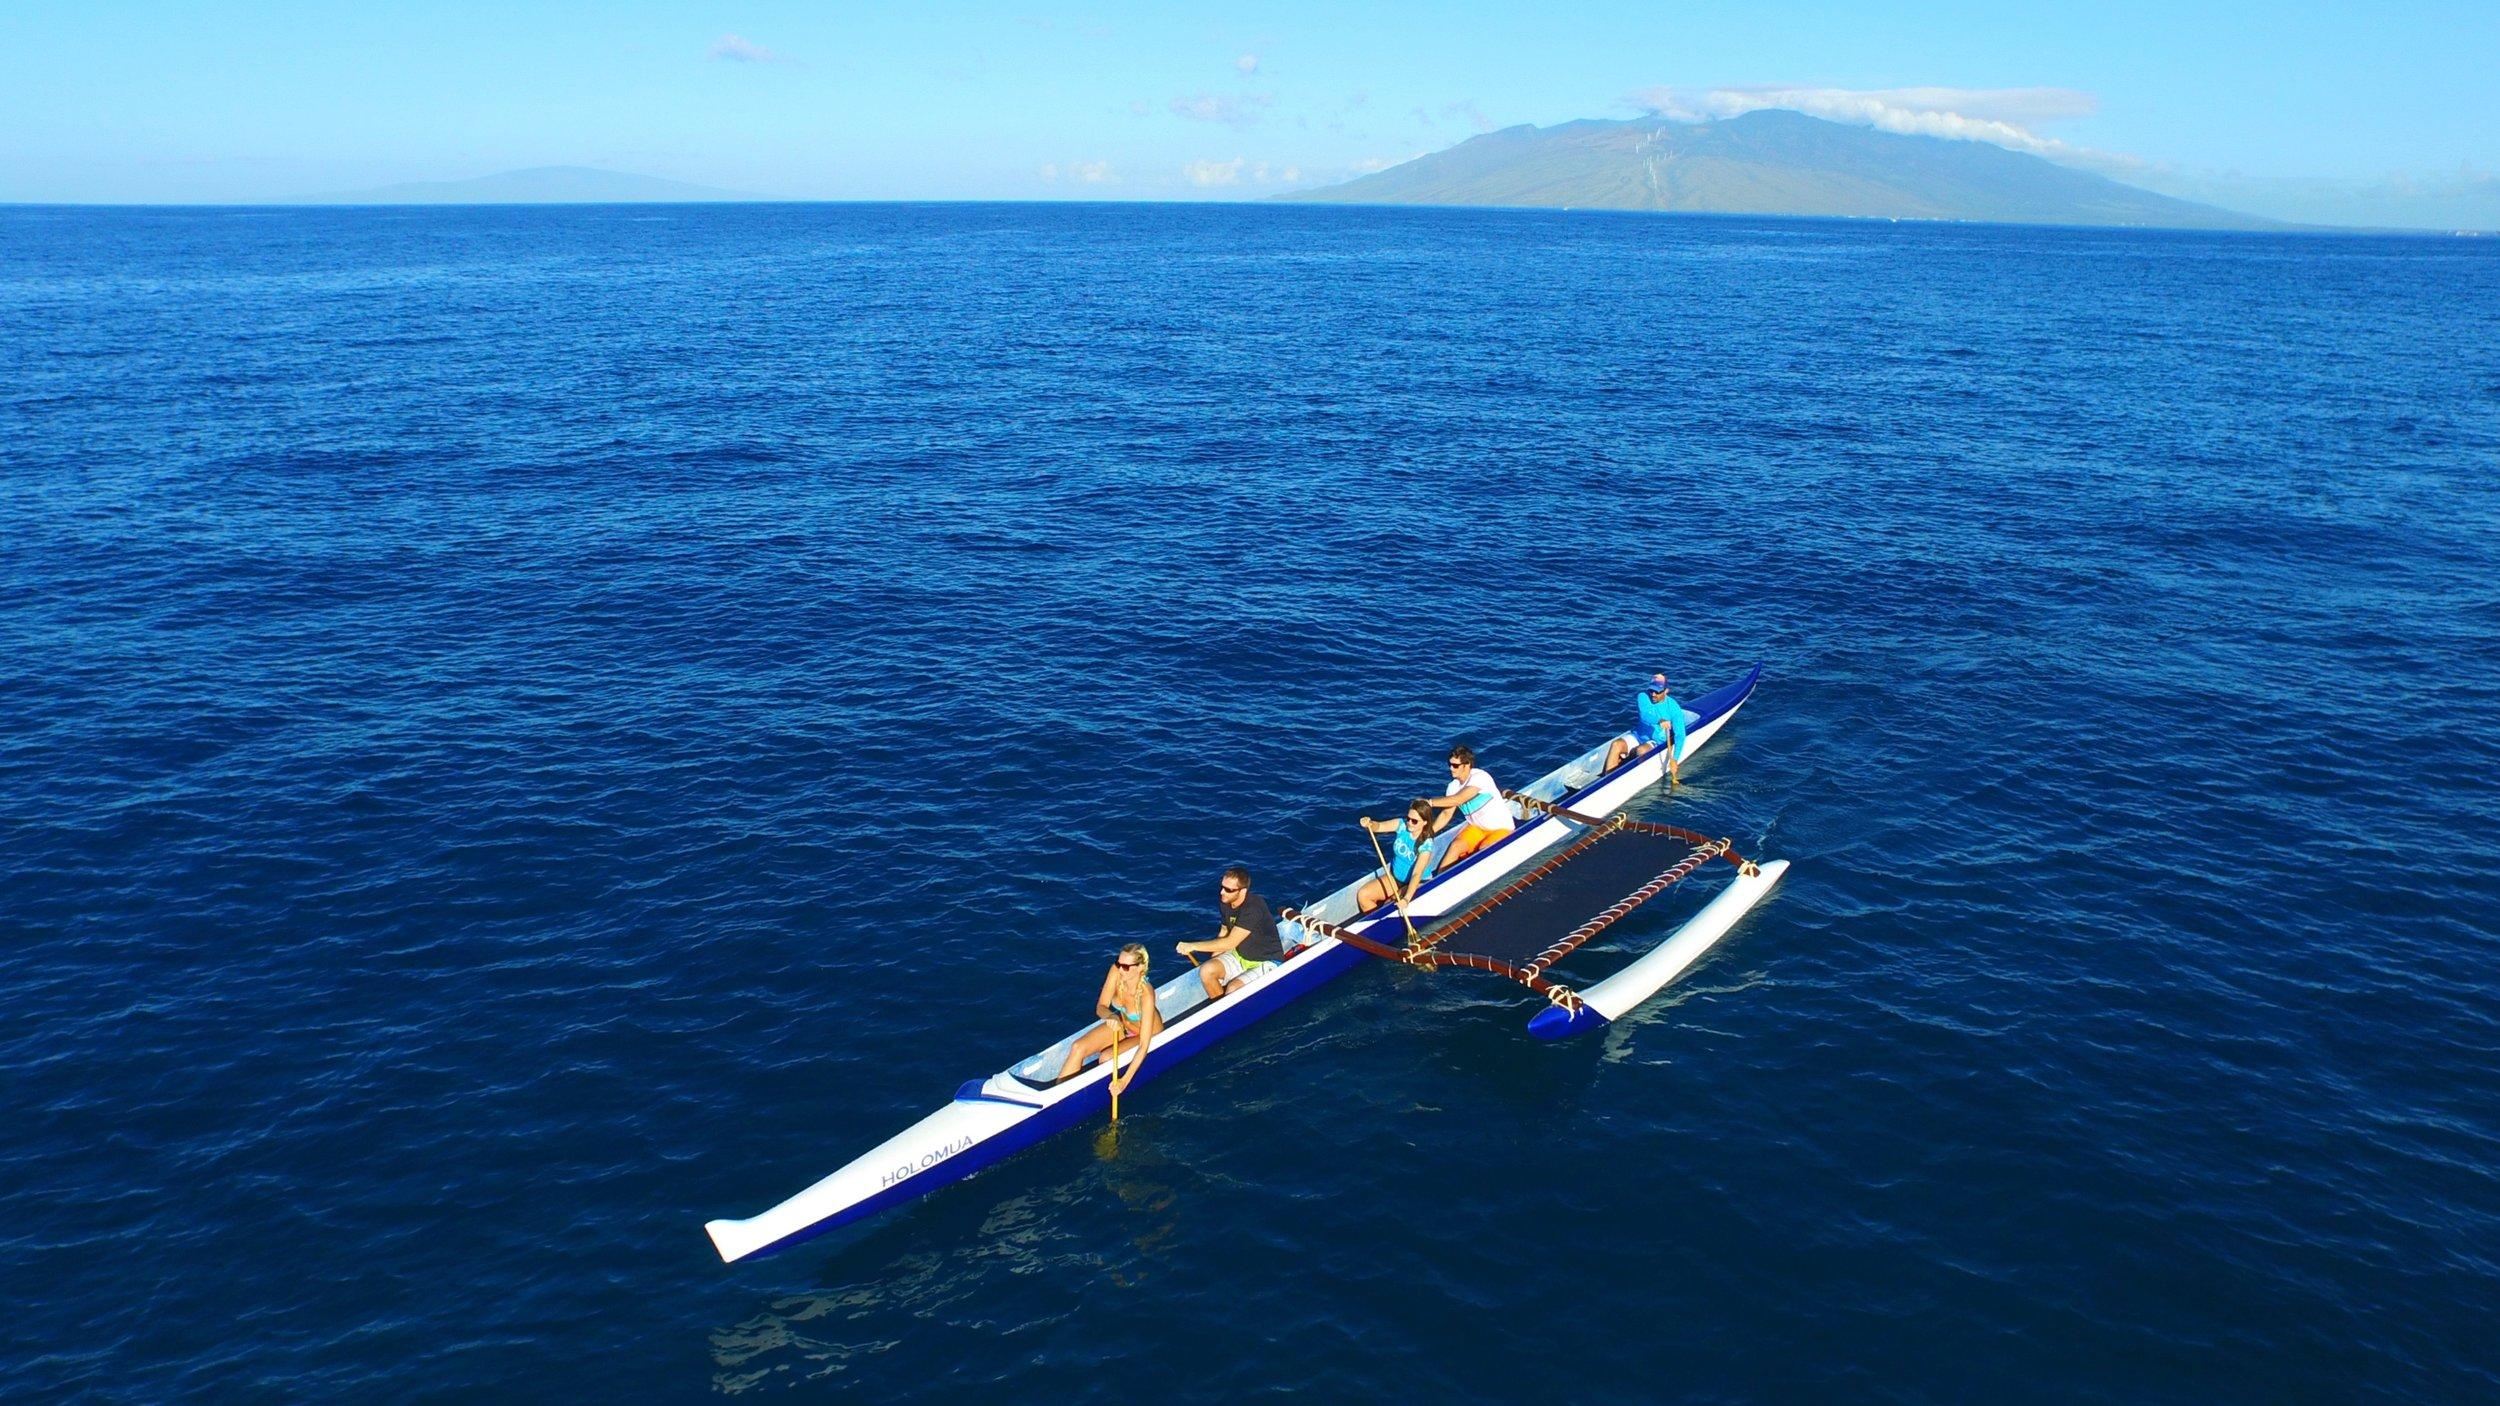 Blue_Soul_Maui_Outrigger_Canoe_7.jpg